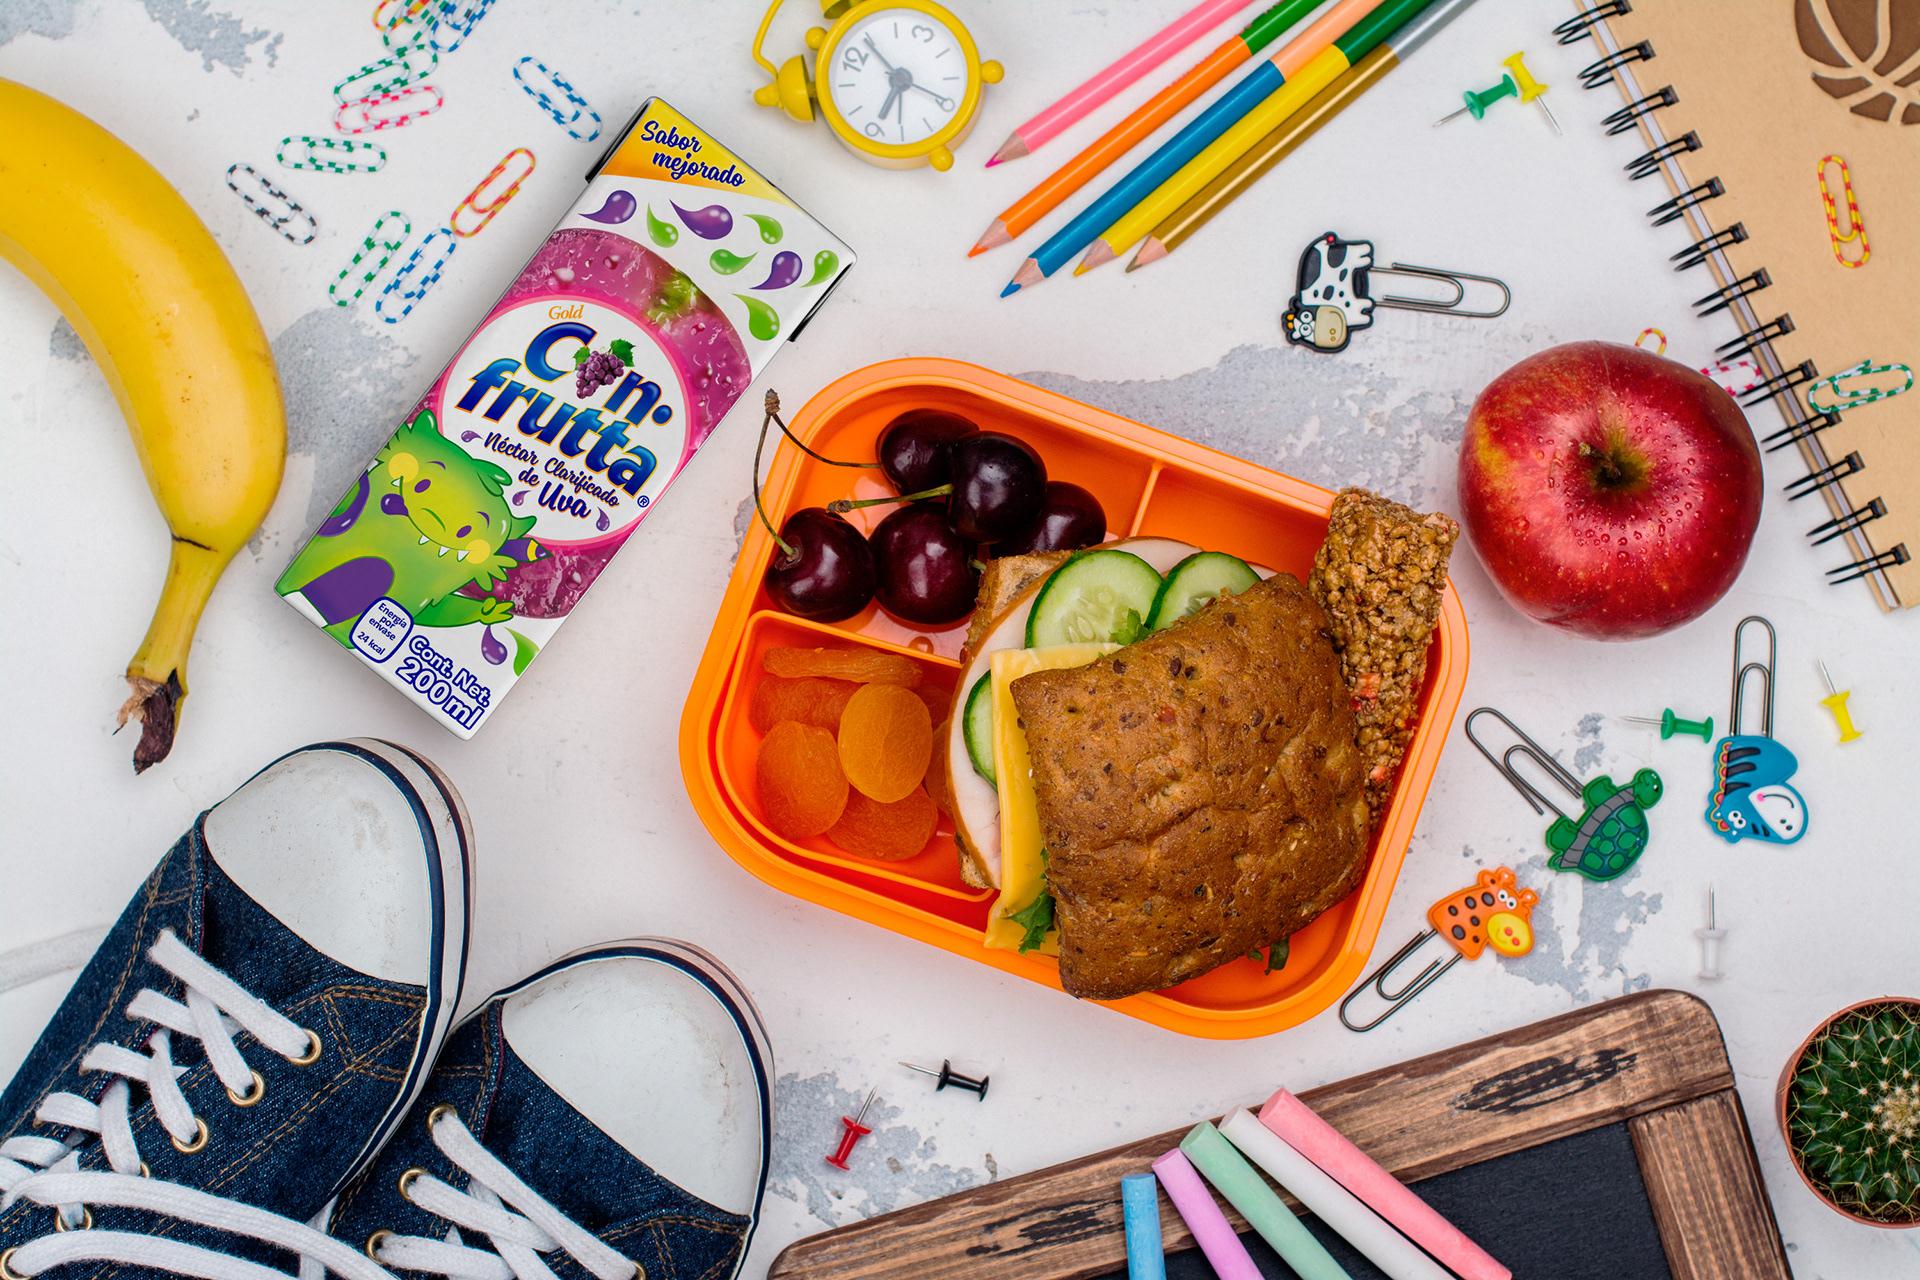 Еда в картинках для школы